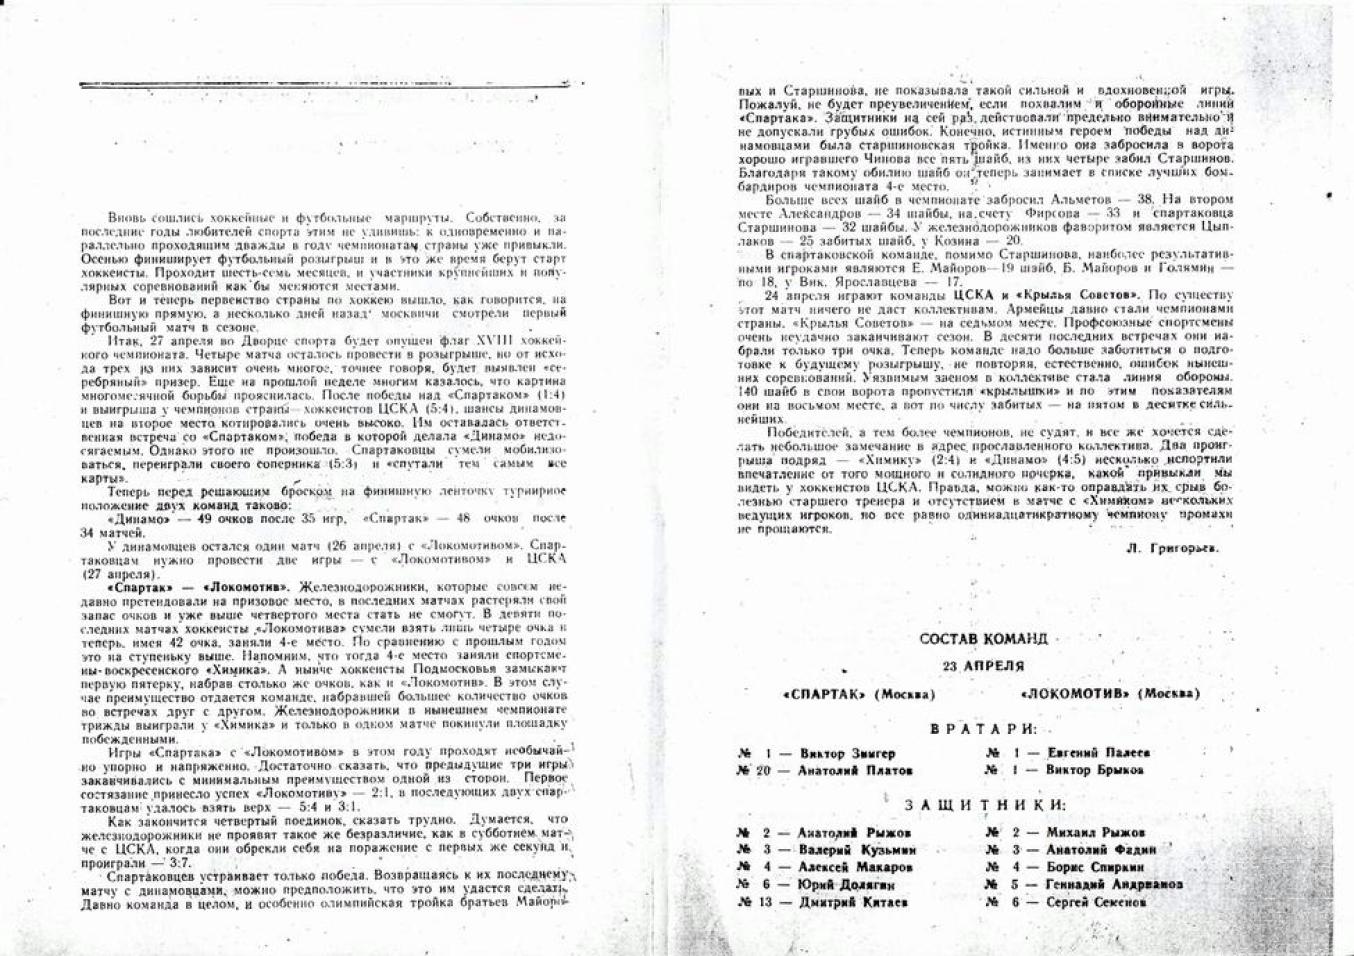 1964.04.23-24. Спартак - Локомотив. ЦСКА - Крылья Советов (Чм. СССР)_02.png